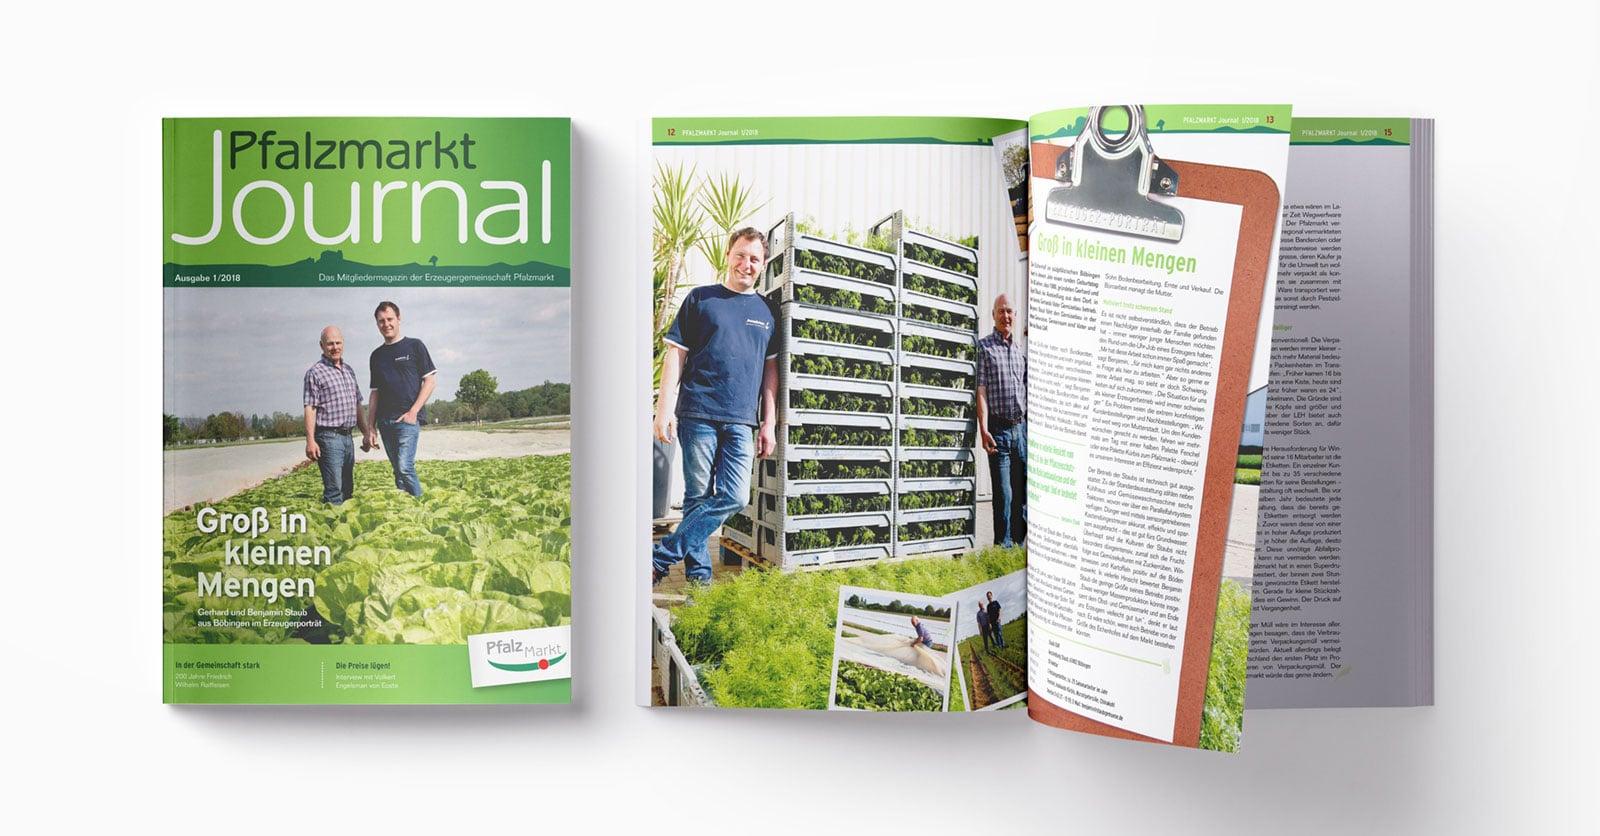 Pfalzmarkt Journal Ausgabe 1-2018